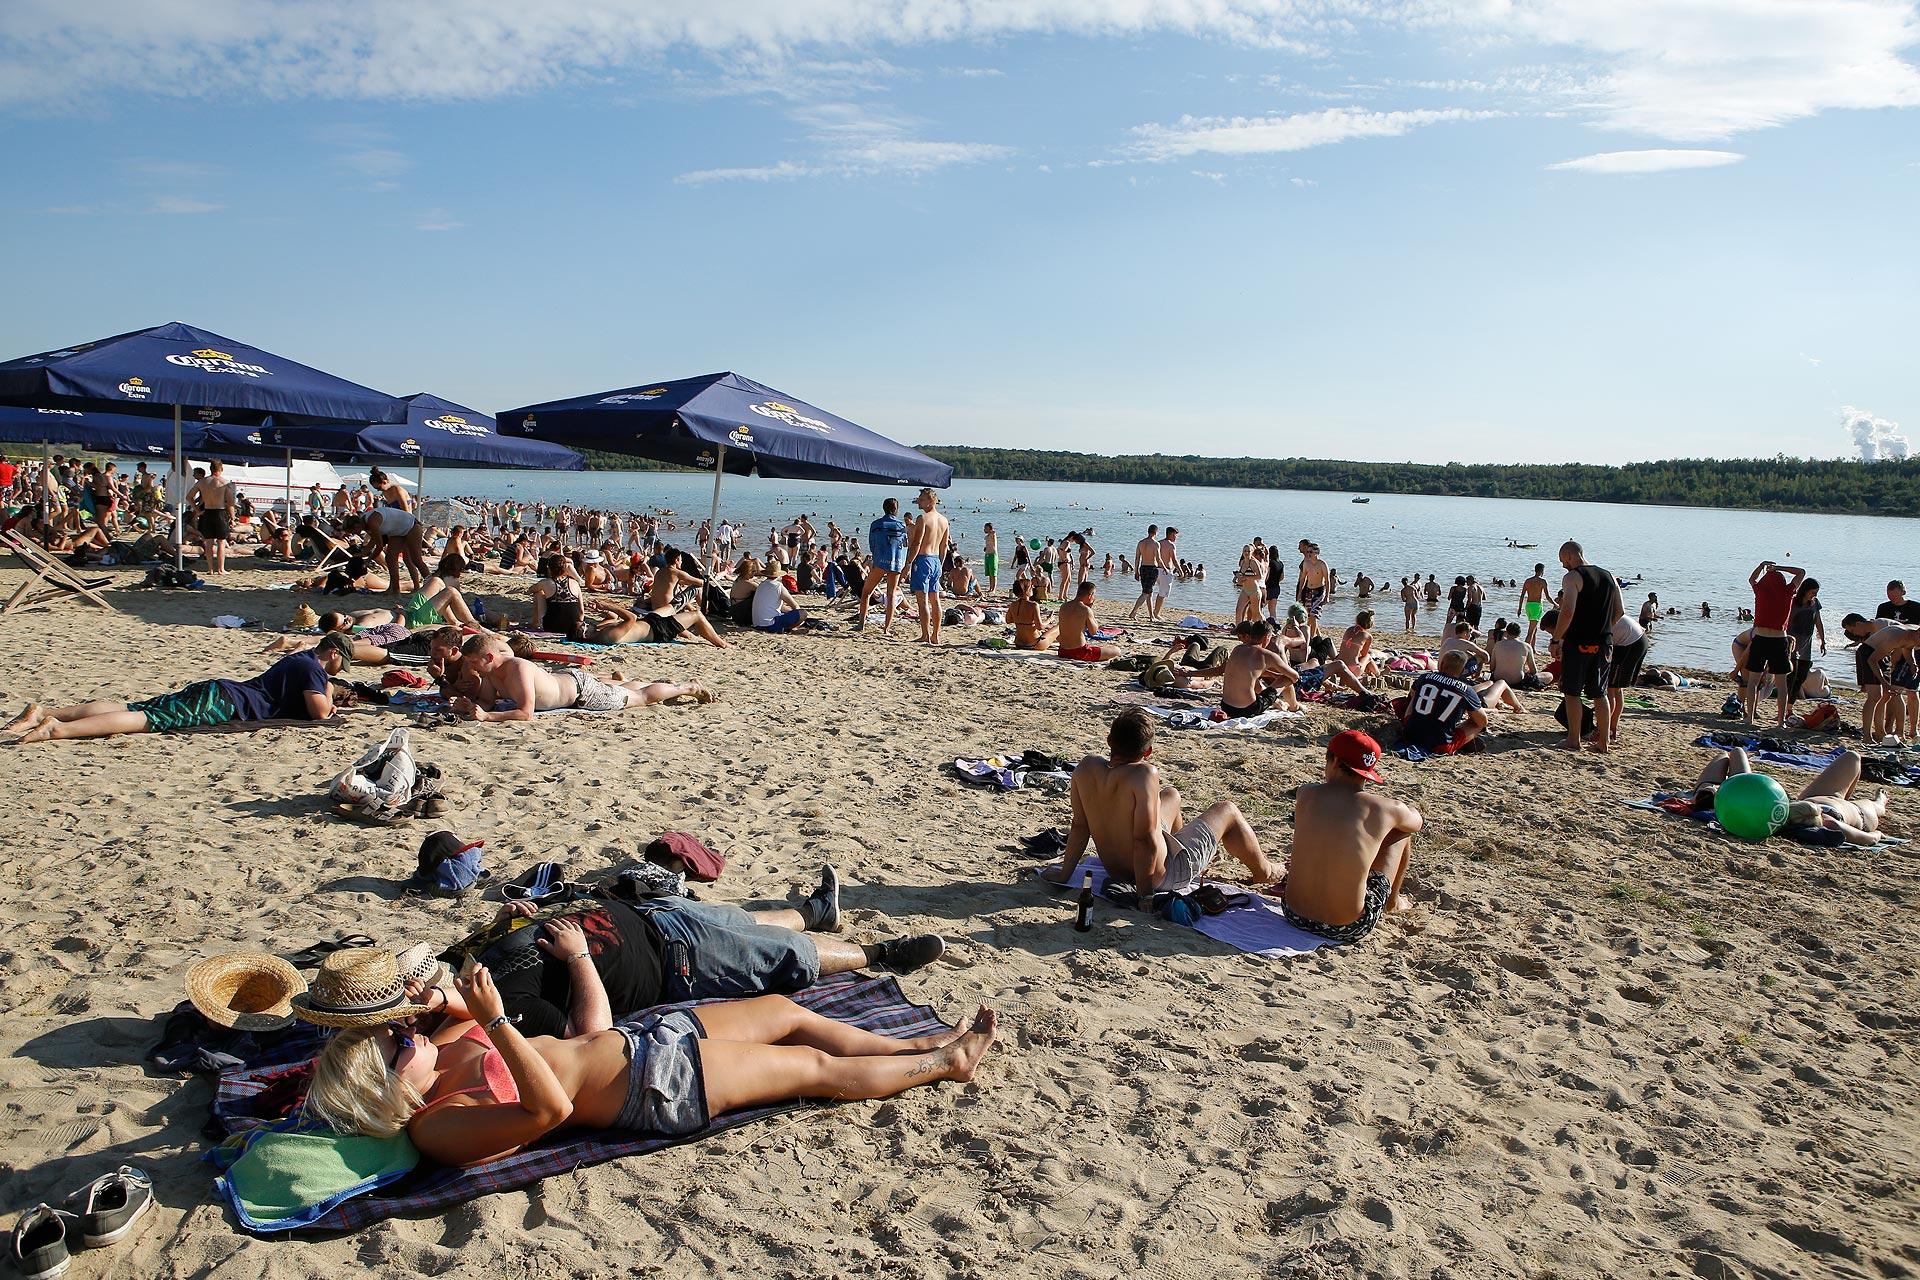 Wie die Sardinen: Der Strand ist bei den Besuchern äußerst beliebt.